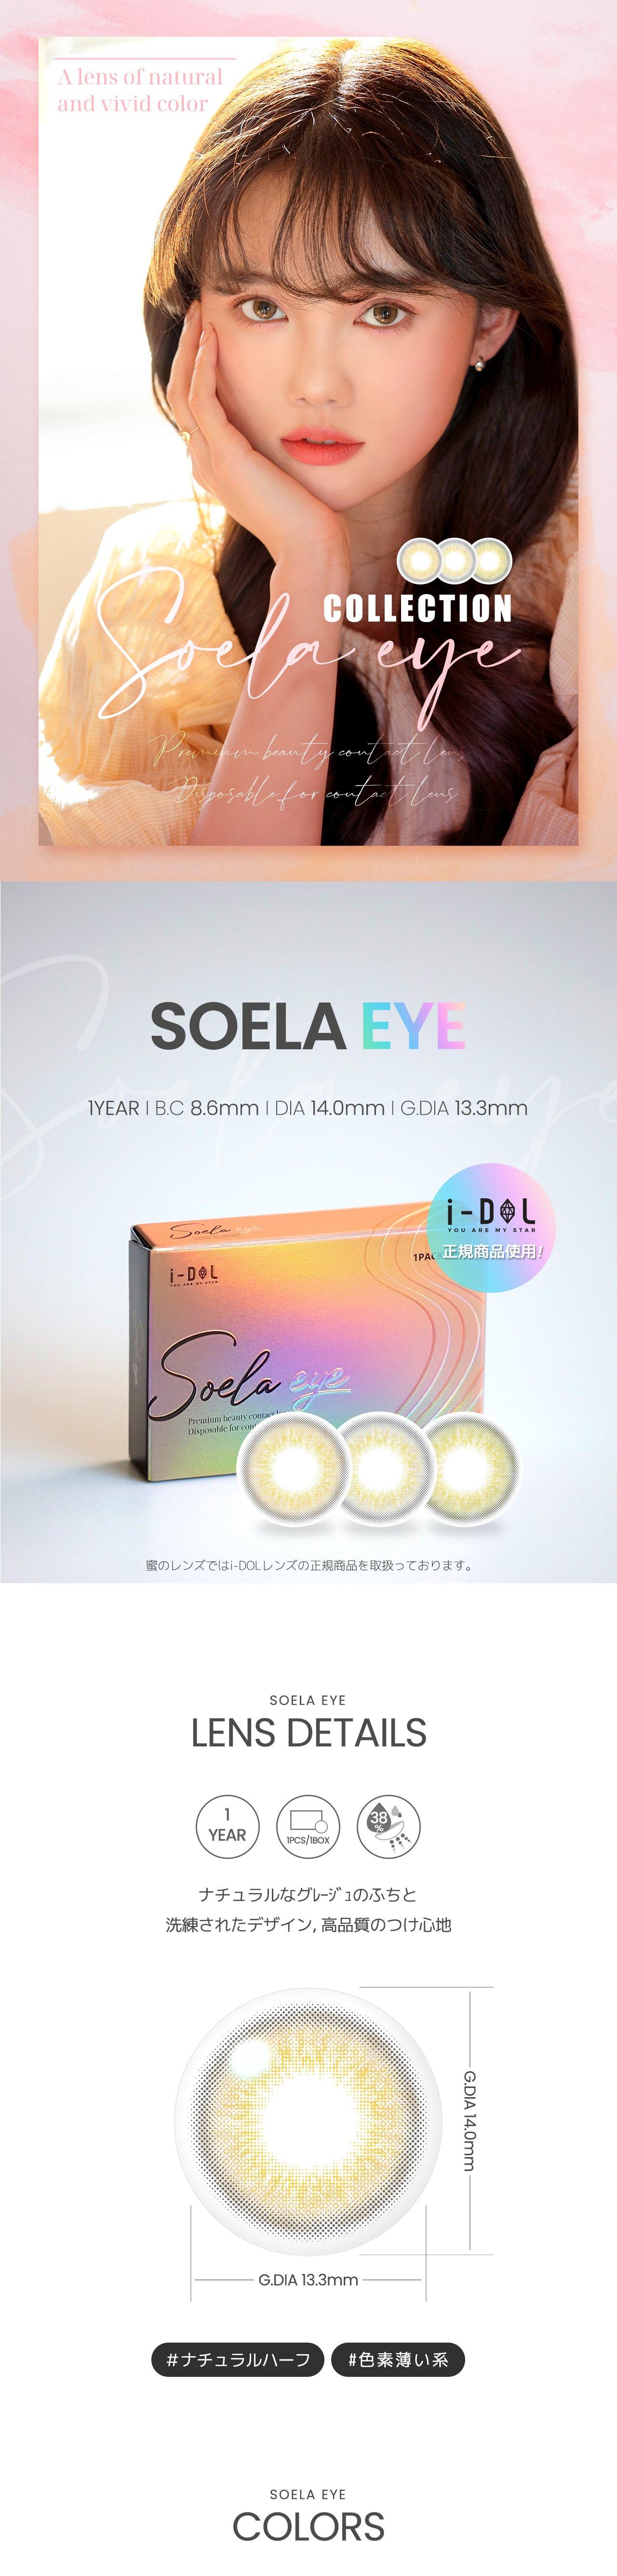 seora eye